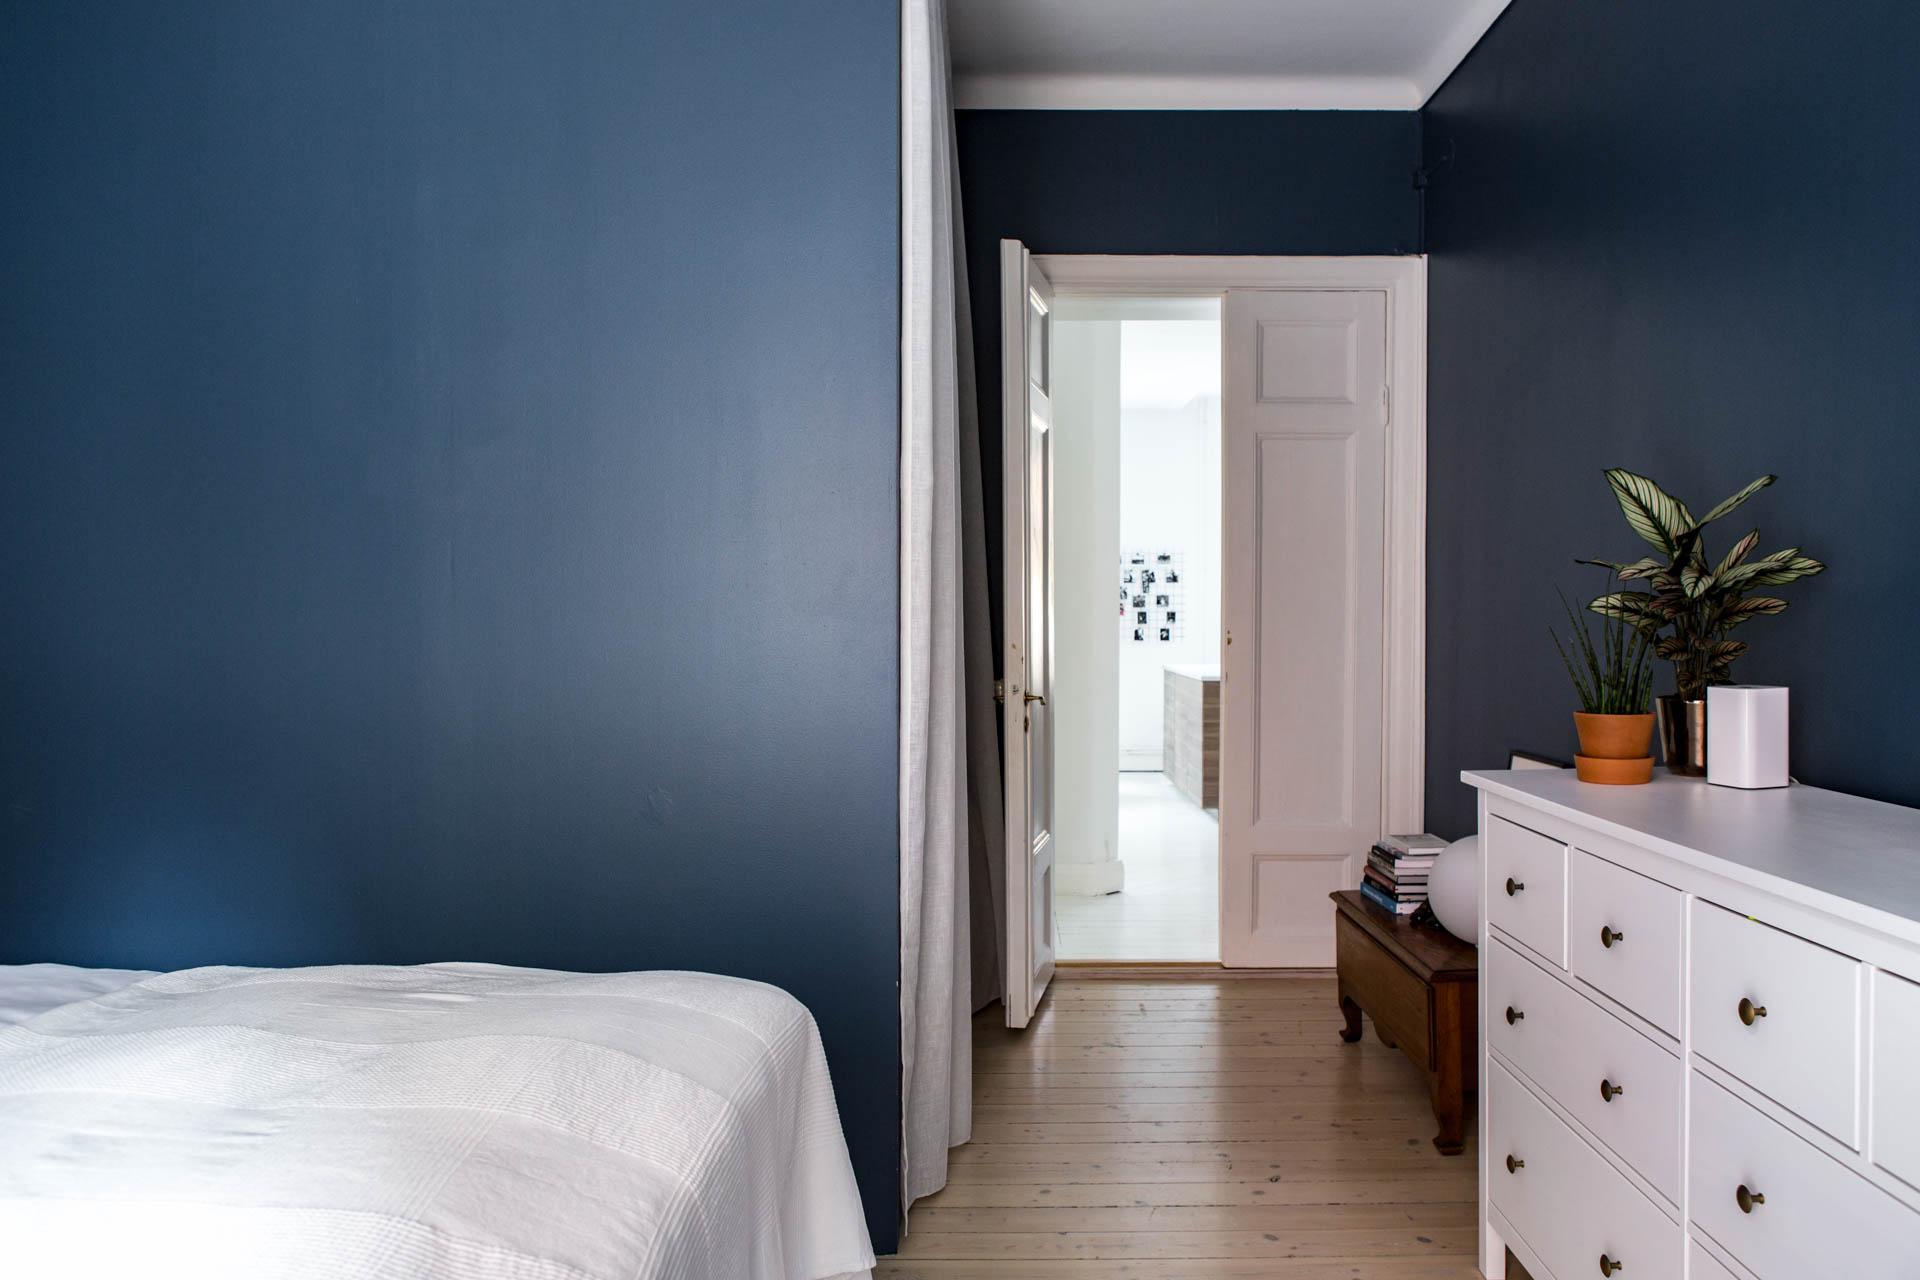 Presun geschilderd slaapkamer model risofu